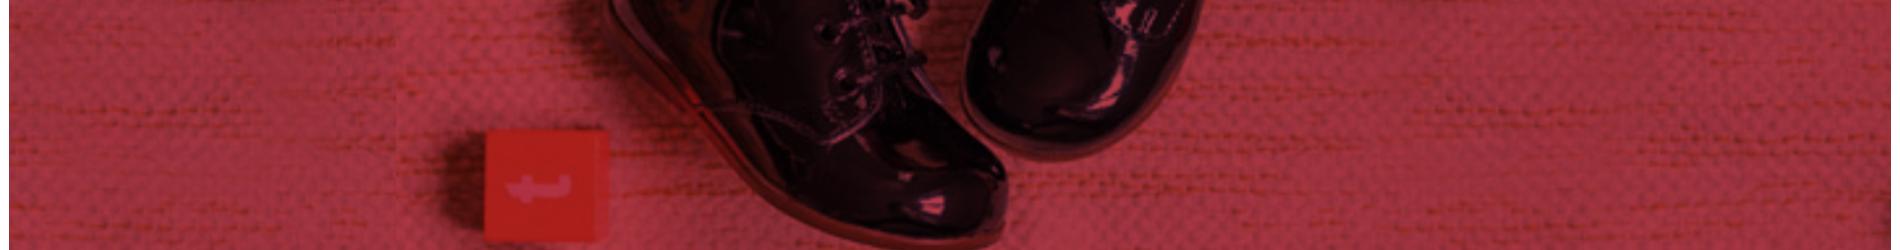 Chaussures pour enfants - Boutique Ourson Rouge Royan